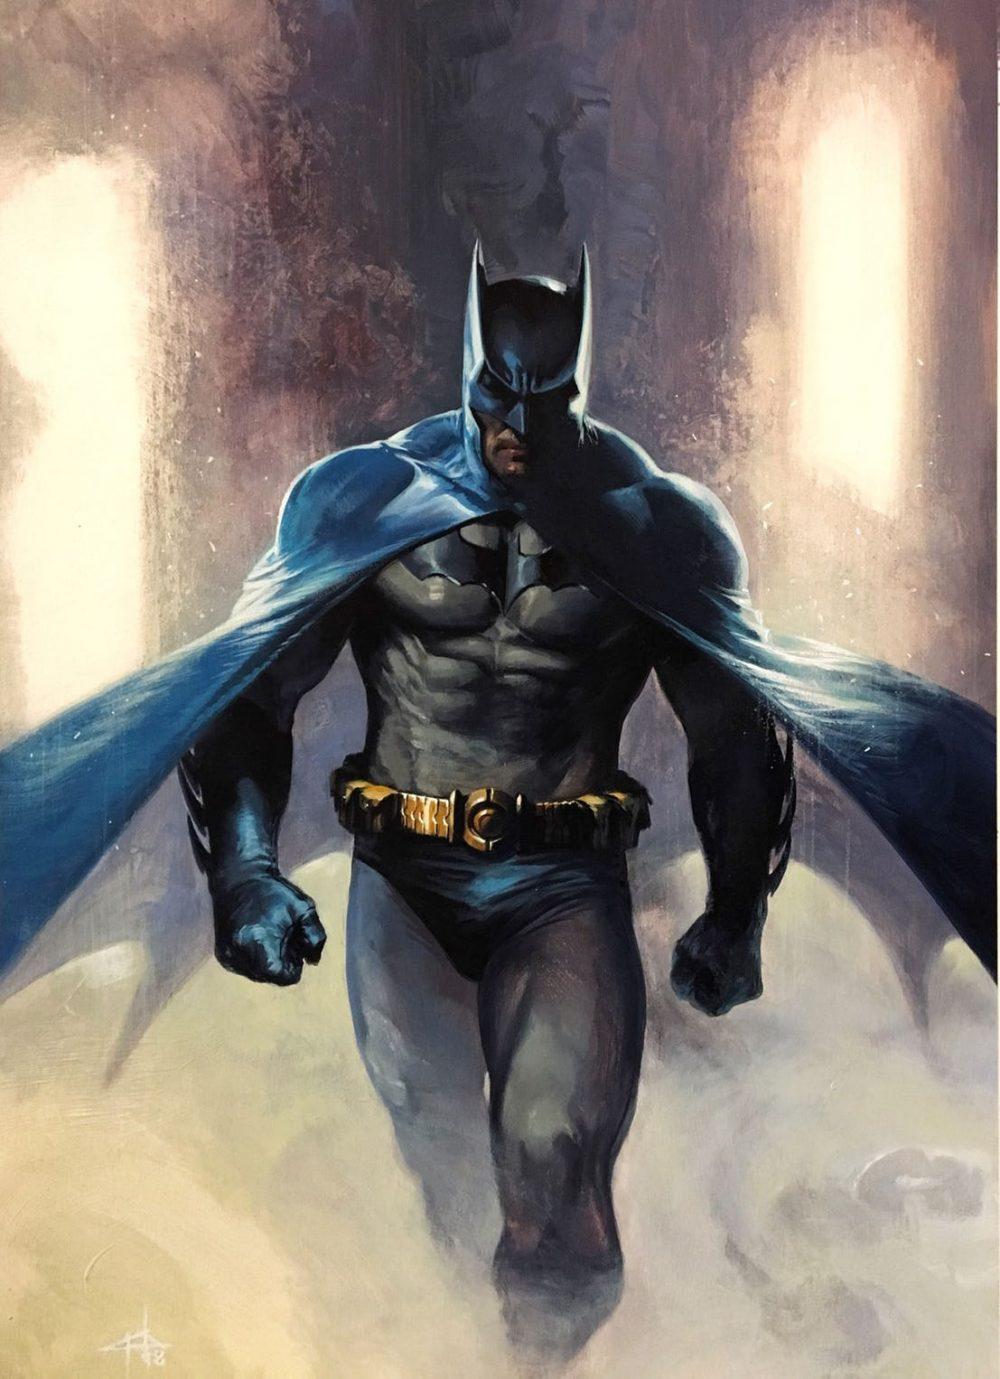 Detective Comics #1000, variant cover di Gabriele Dell'Otto